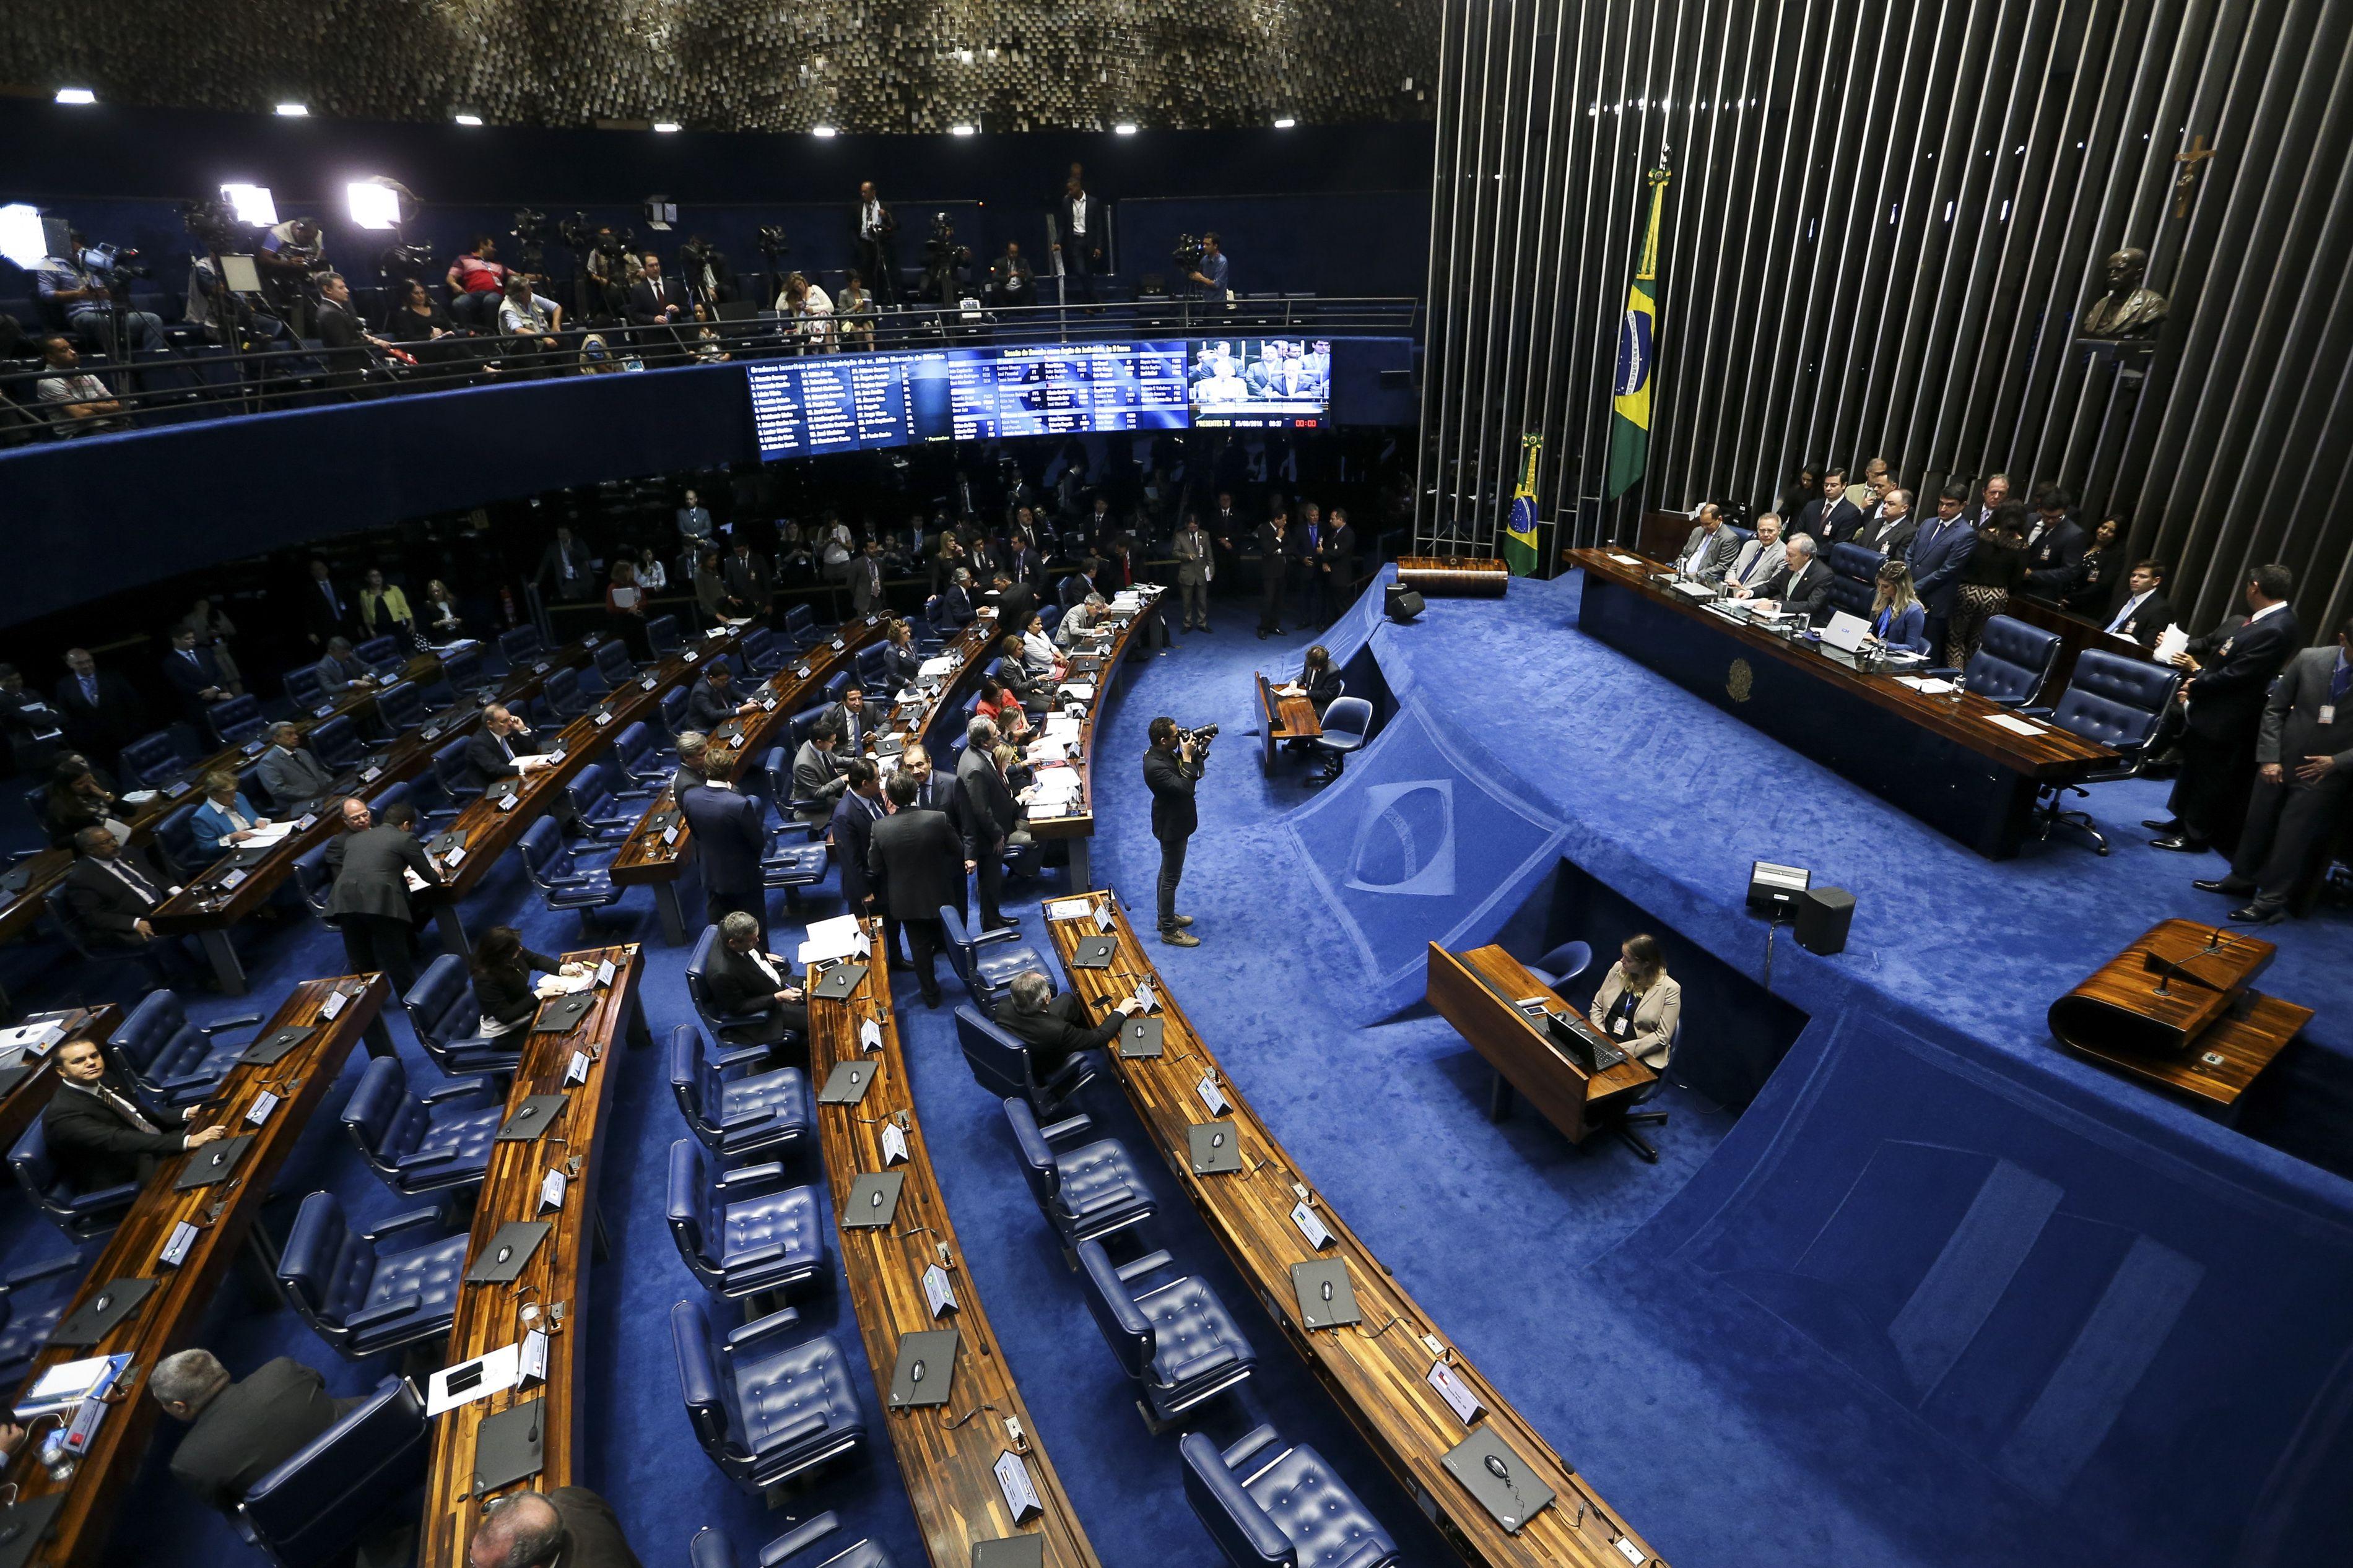 Crise dos Poderes – Senado entra com ação no STF para delimitar competências dos Poderes